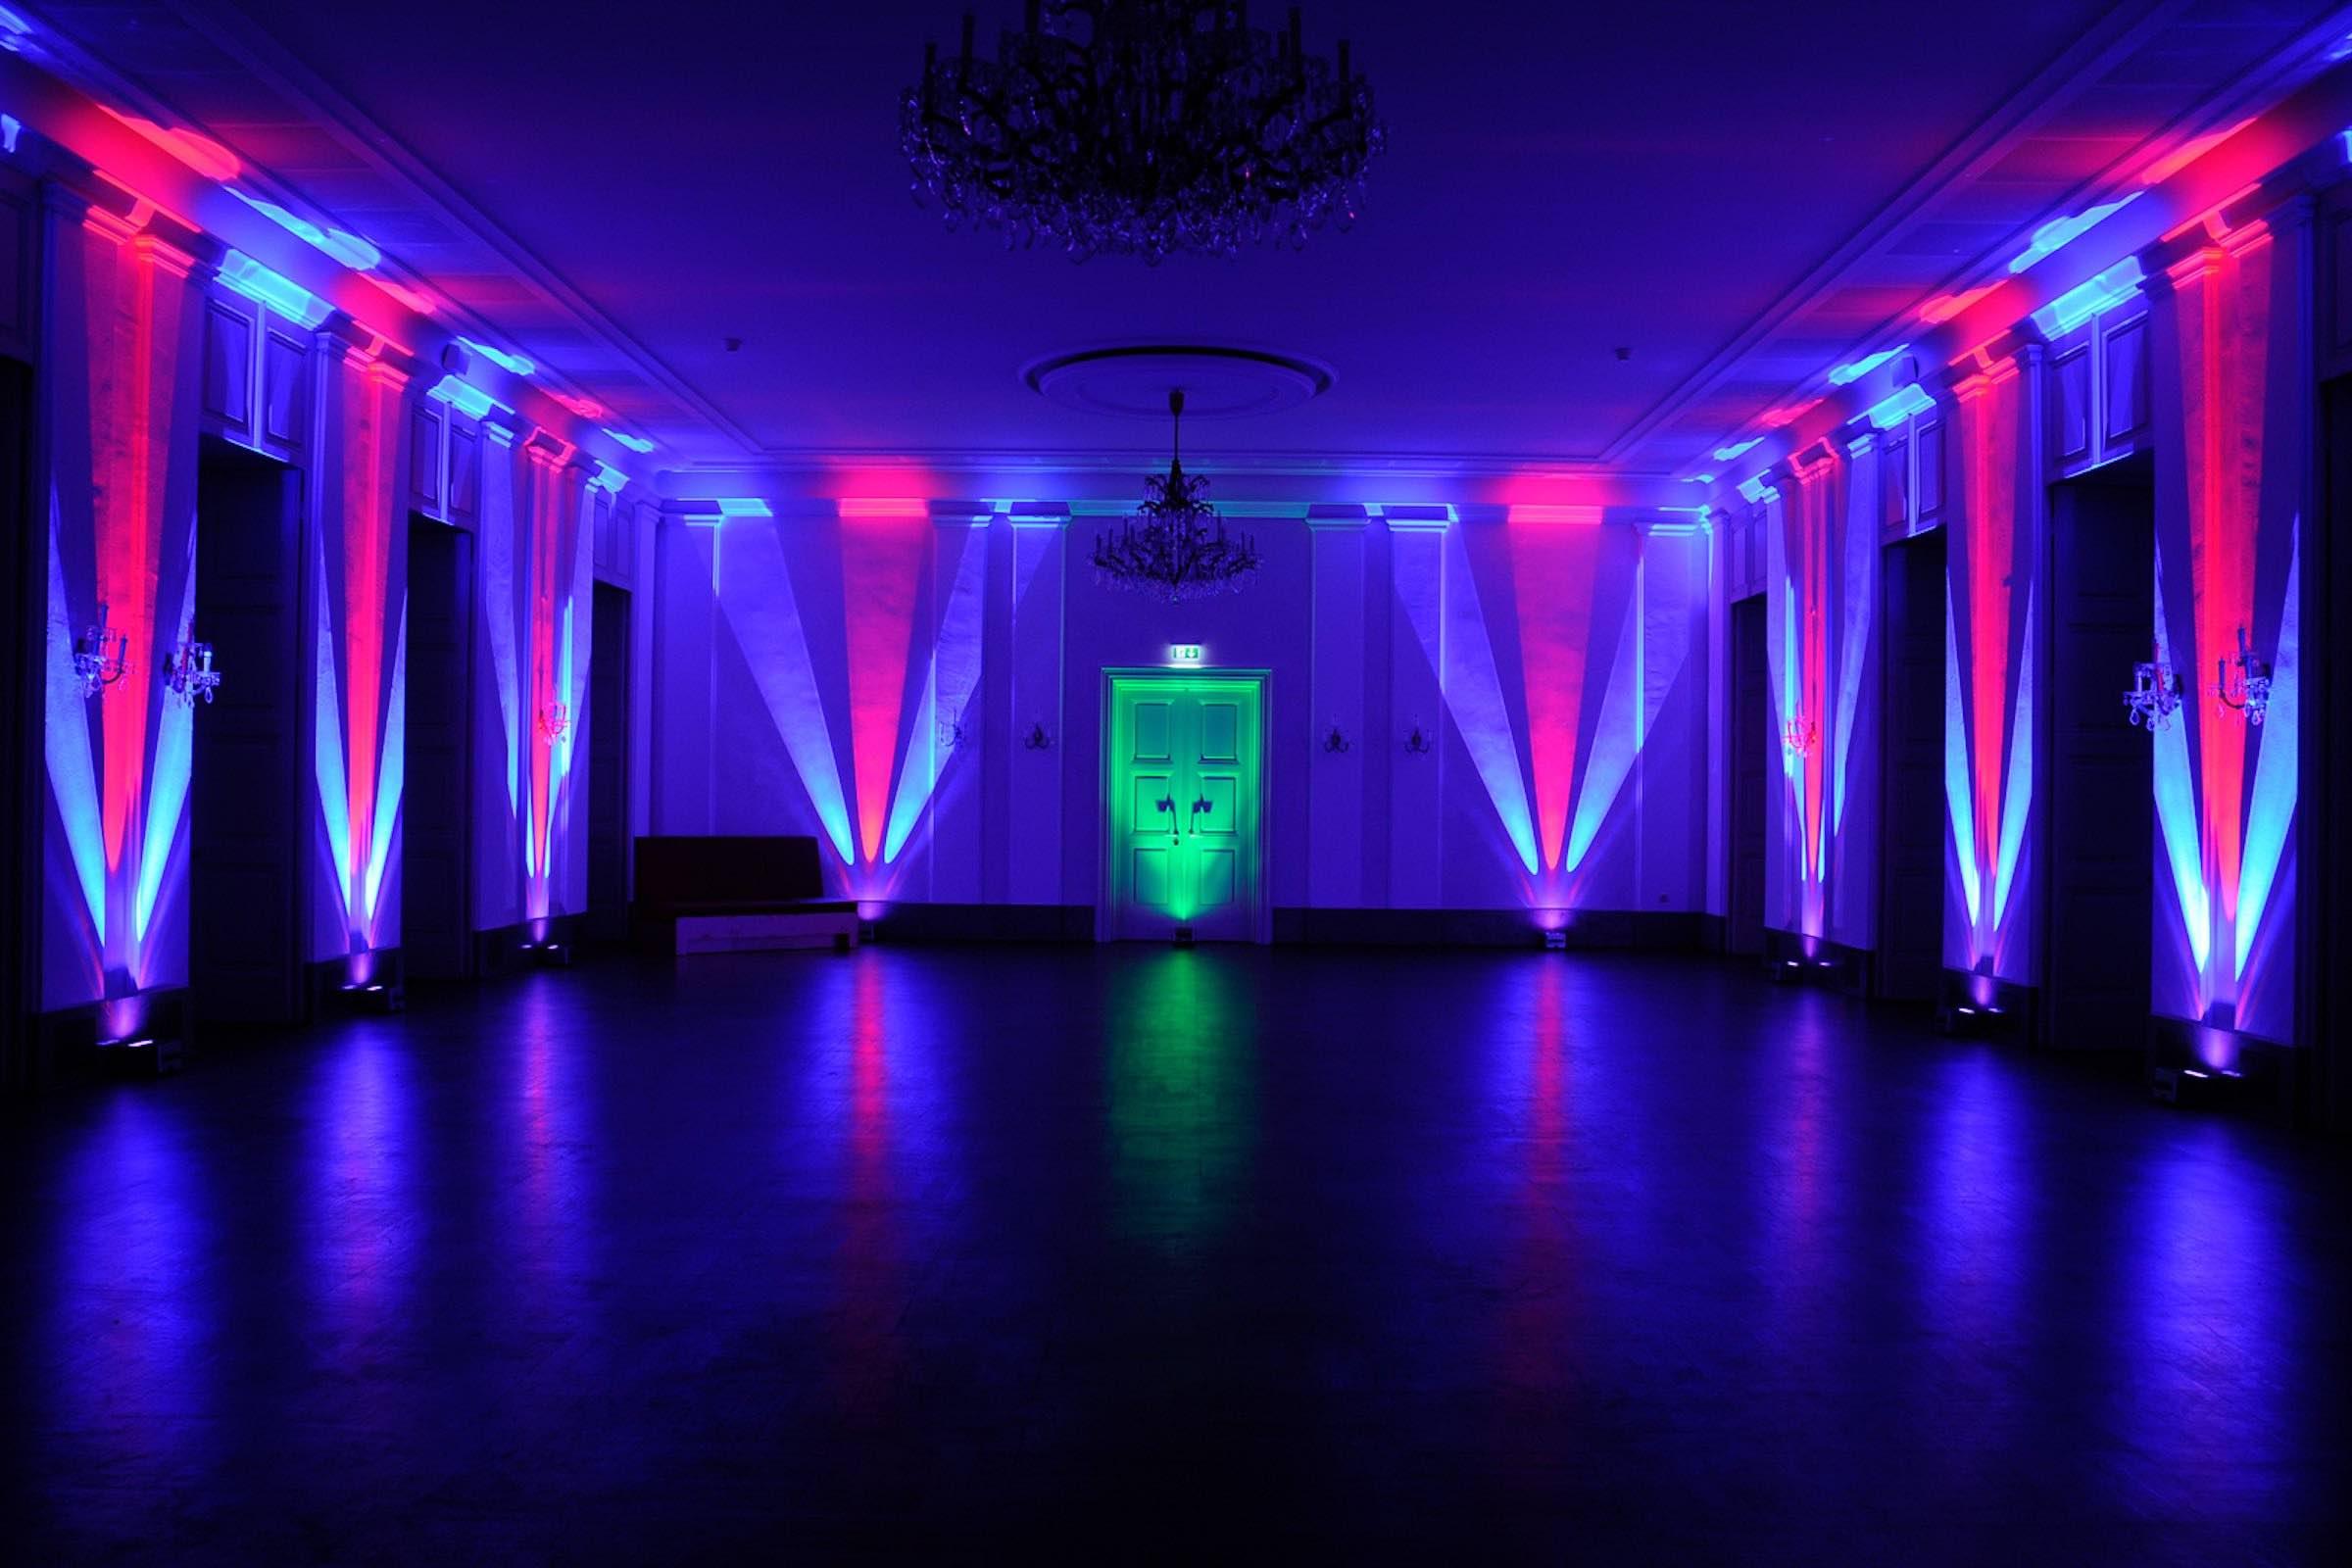 Beleuchtung | Hamburg | Eventtechnik | Akku | LED | Floorspots | Messe | Firmenveranstaltung | Indoor | Outdoor | Spots | Lichttechnik | Ambientebeleuchtung | Uplight | Buchen | Mieten | Anfragen | Hamburgfeiert Beleuchtung | Hamburg | Eventtechnik | Akku | LED | Floorspots | Messe | Firmenveranstaltung | Indoor | Outdoor | Spots | Lichttechnik | Ambientebeleuchtung | Uplight | Buchen | Mieten | Anfragen | Hamburgfeiert